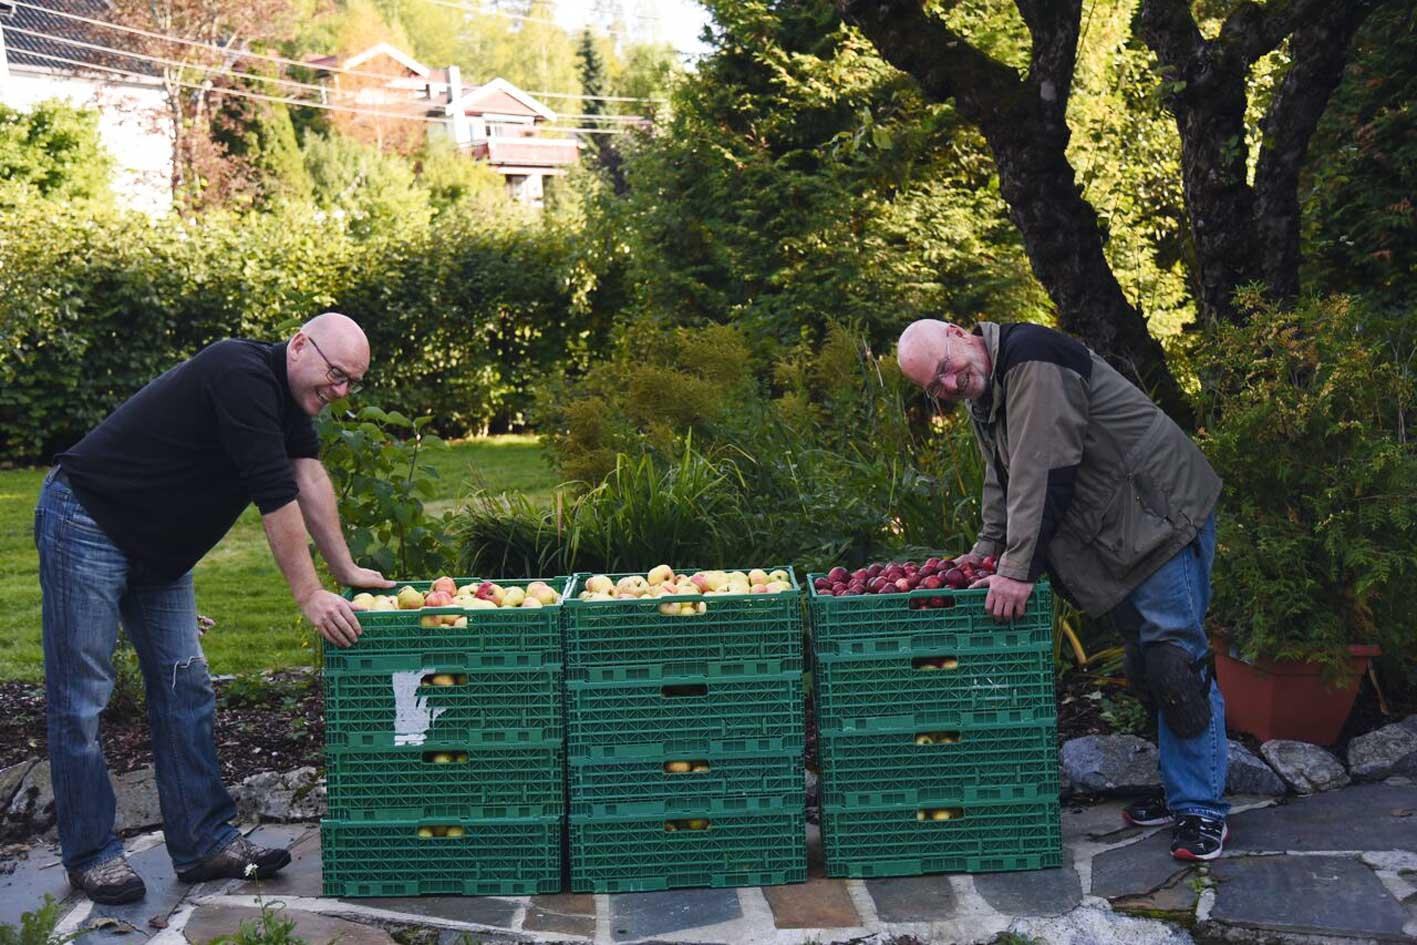 Kjell Kvamme og Stein Dyre Berge stabler dagens fangst av epler som skal presses. Fotograf: Johannes Kvamme